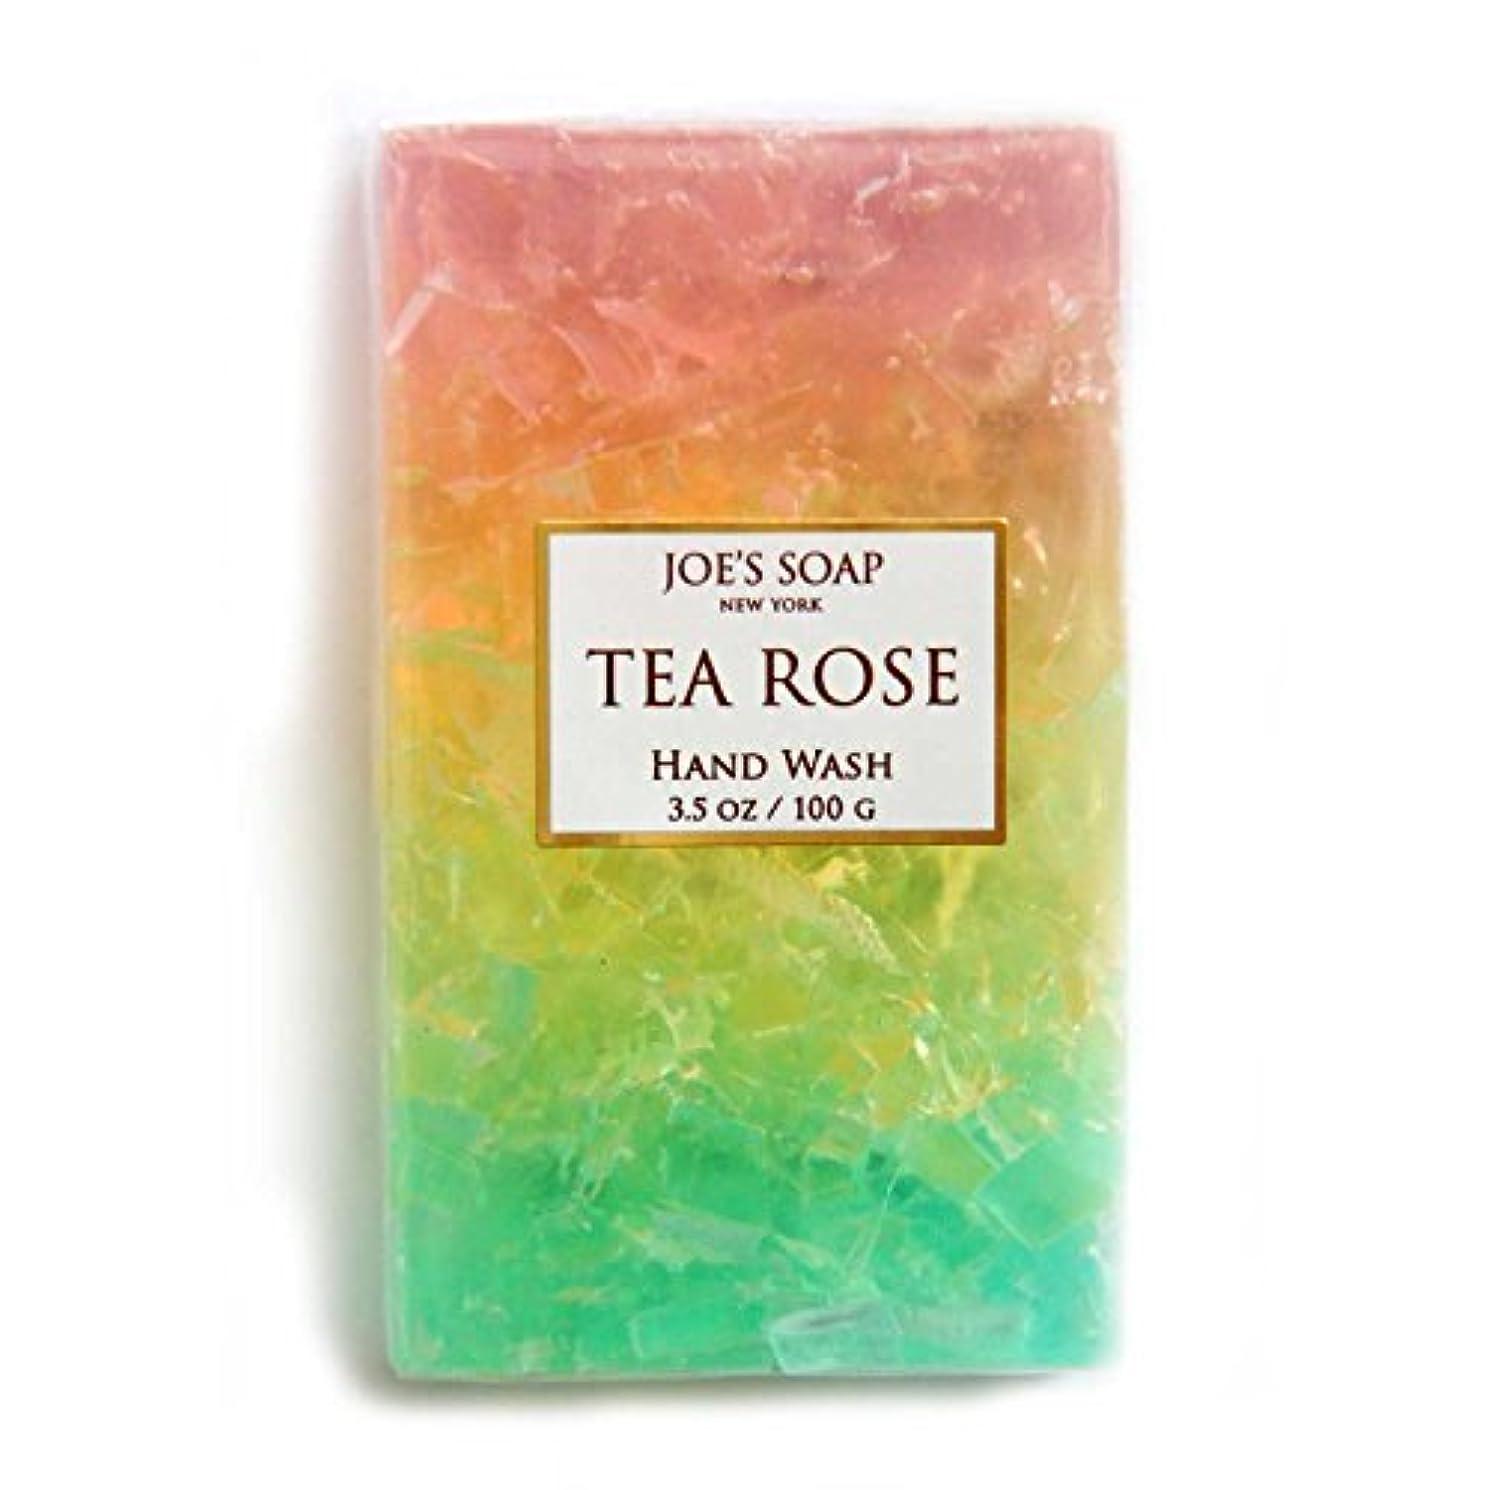 コンプリート遺伝子最初にJOE'S SOAP ジョーズソープ グラスソープ 100g 石けん ボディソープ 洗顔料 せっけん 固形 ギフト